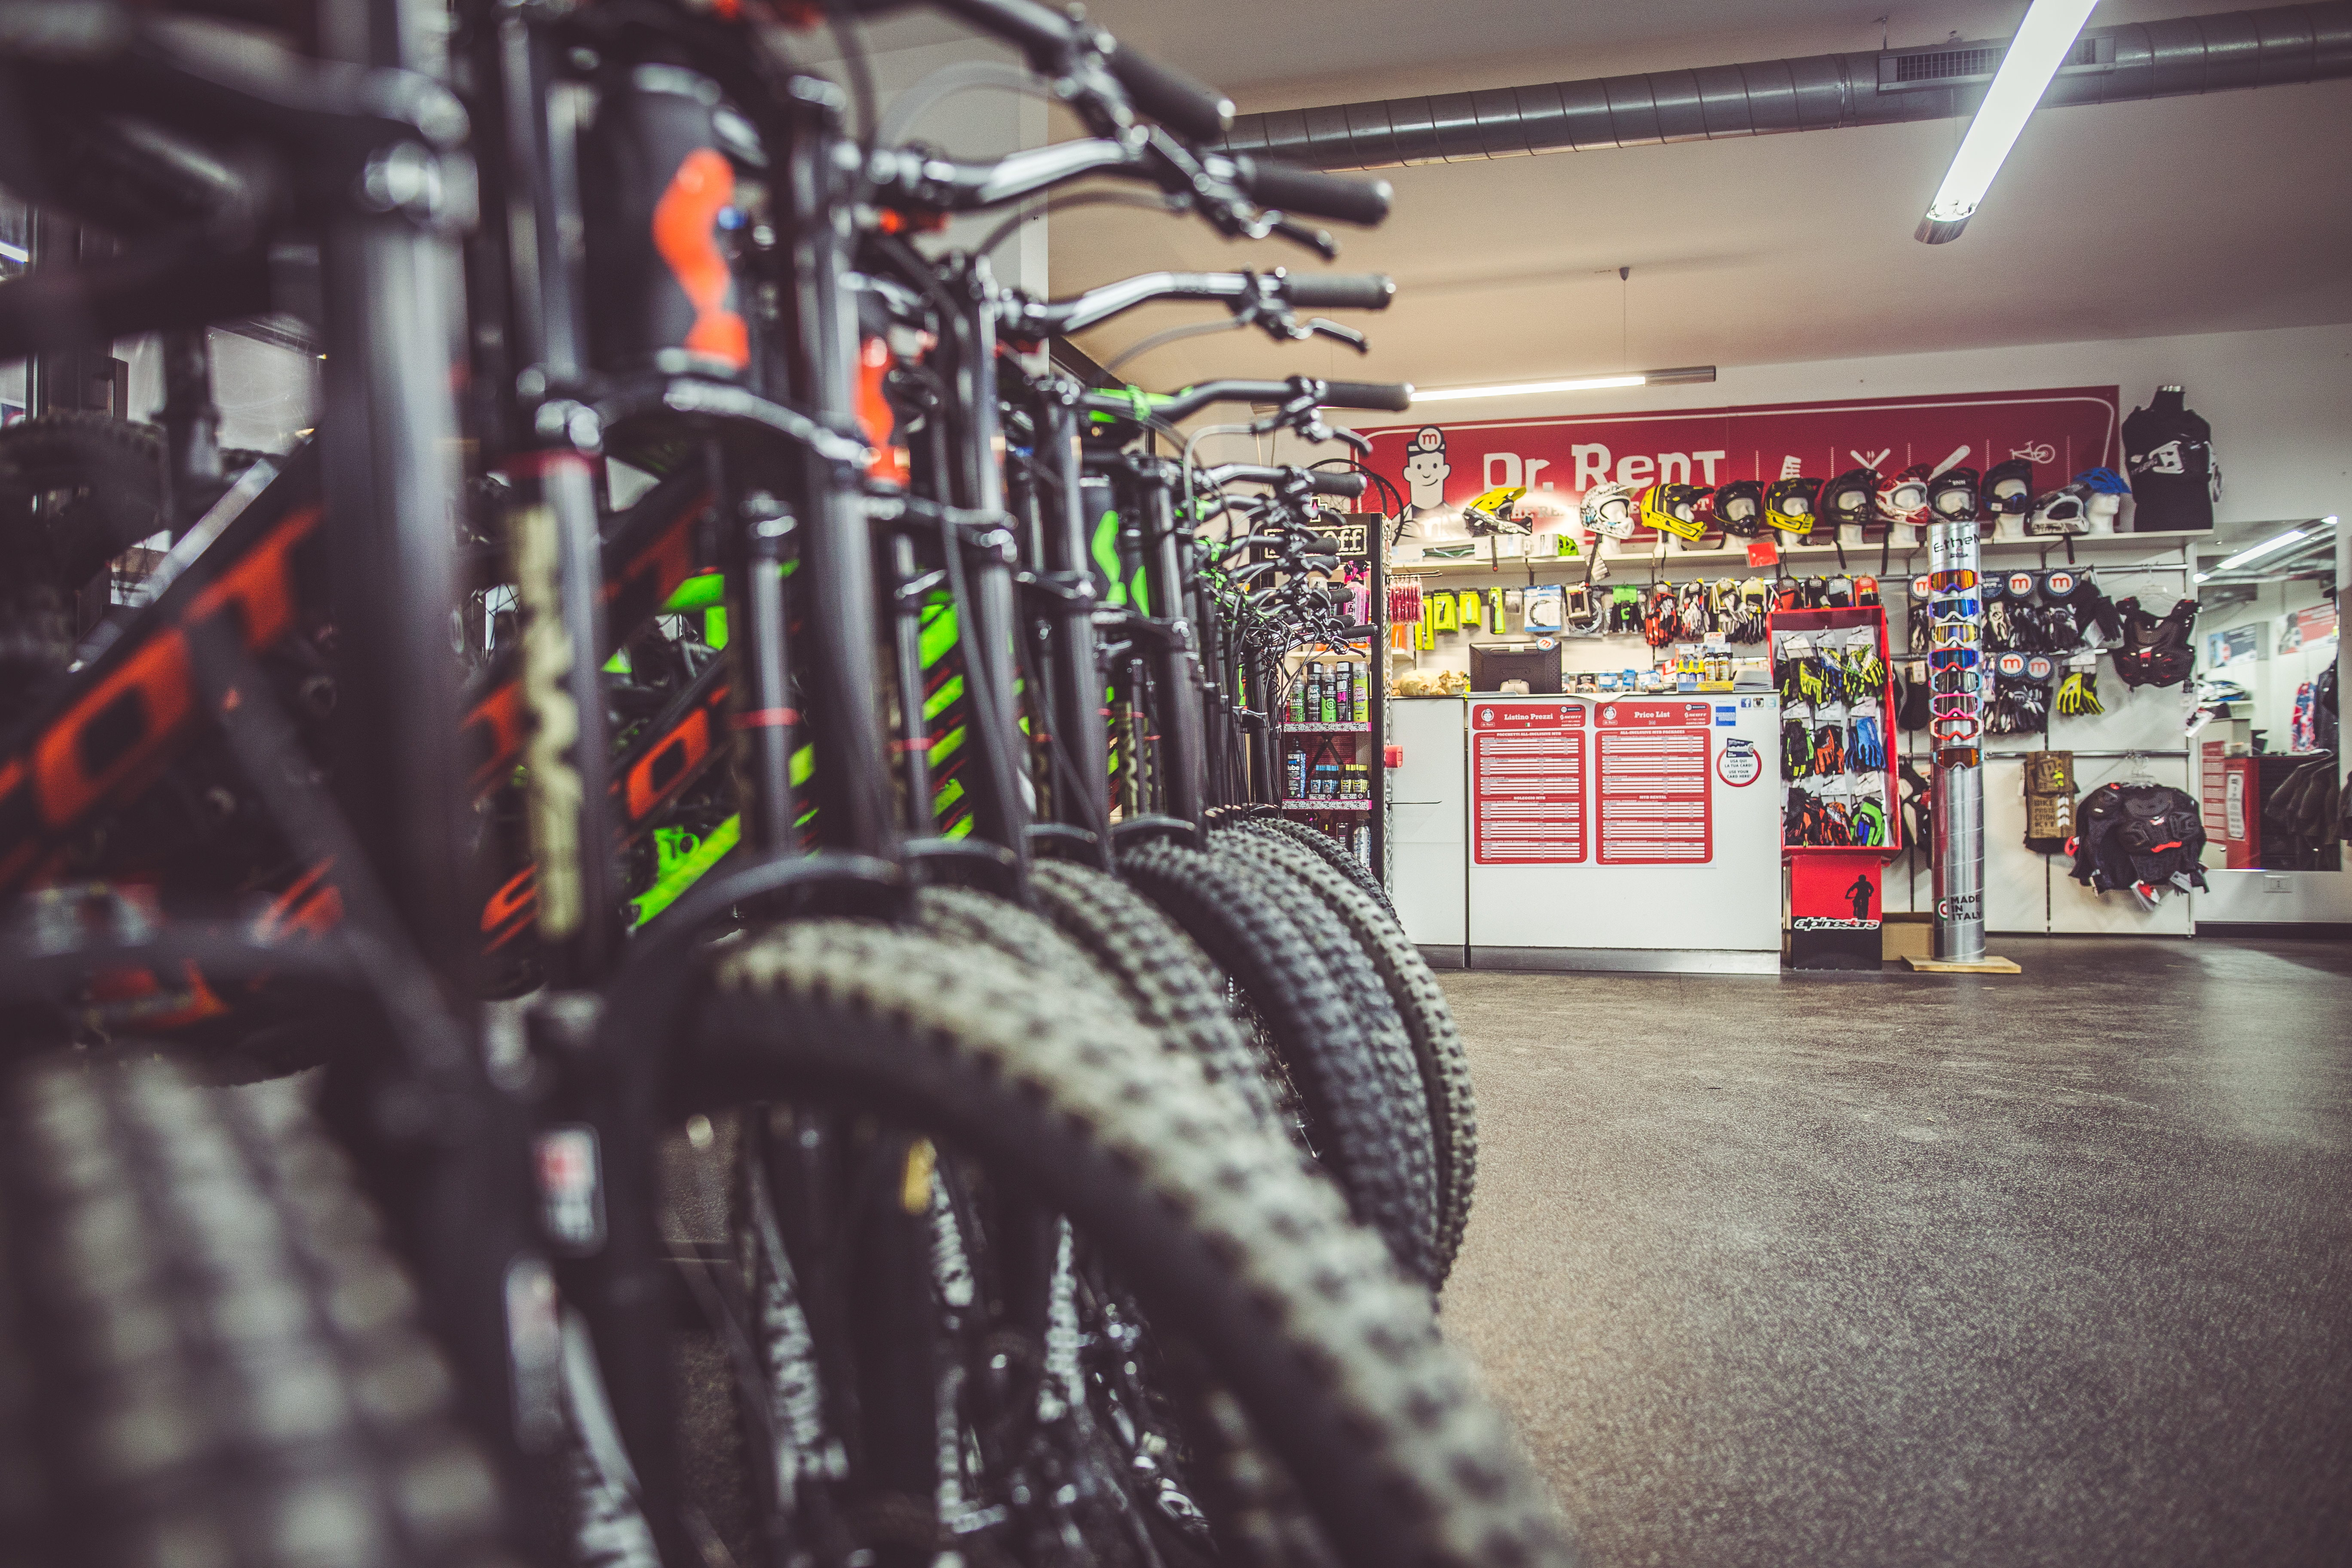 Dr.rent panoramica negozio per riders